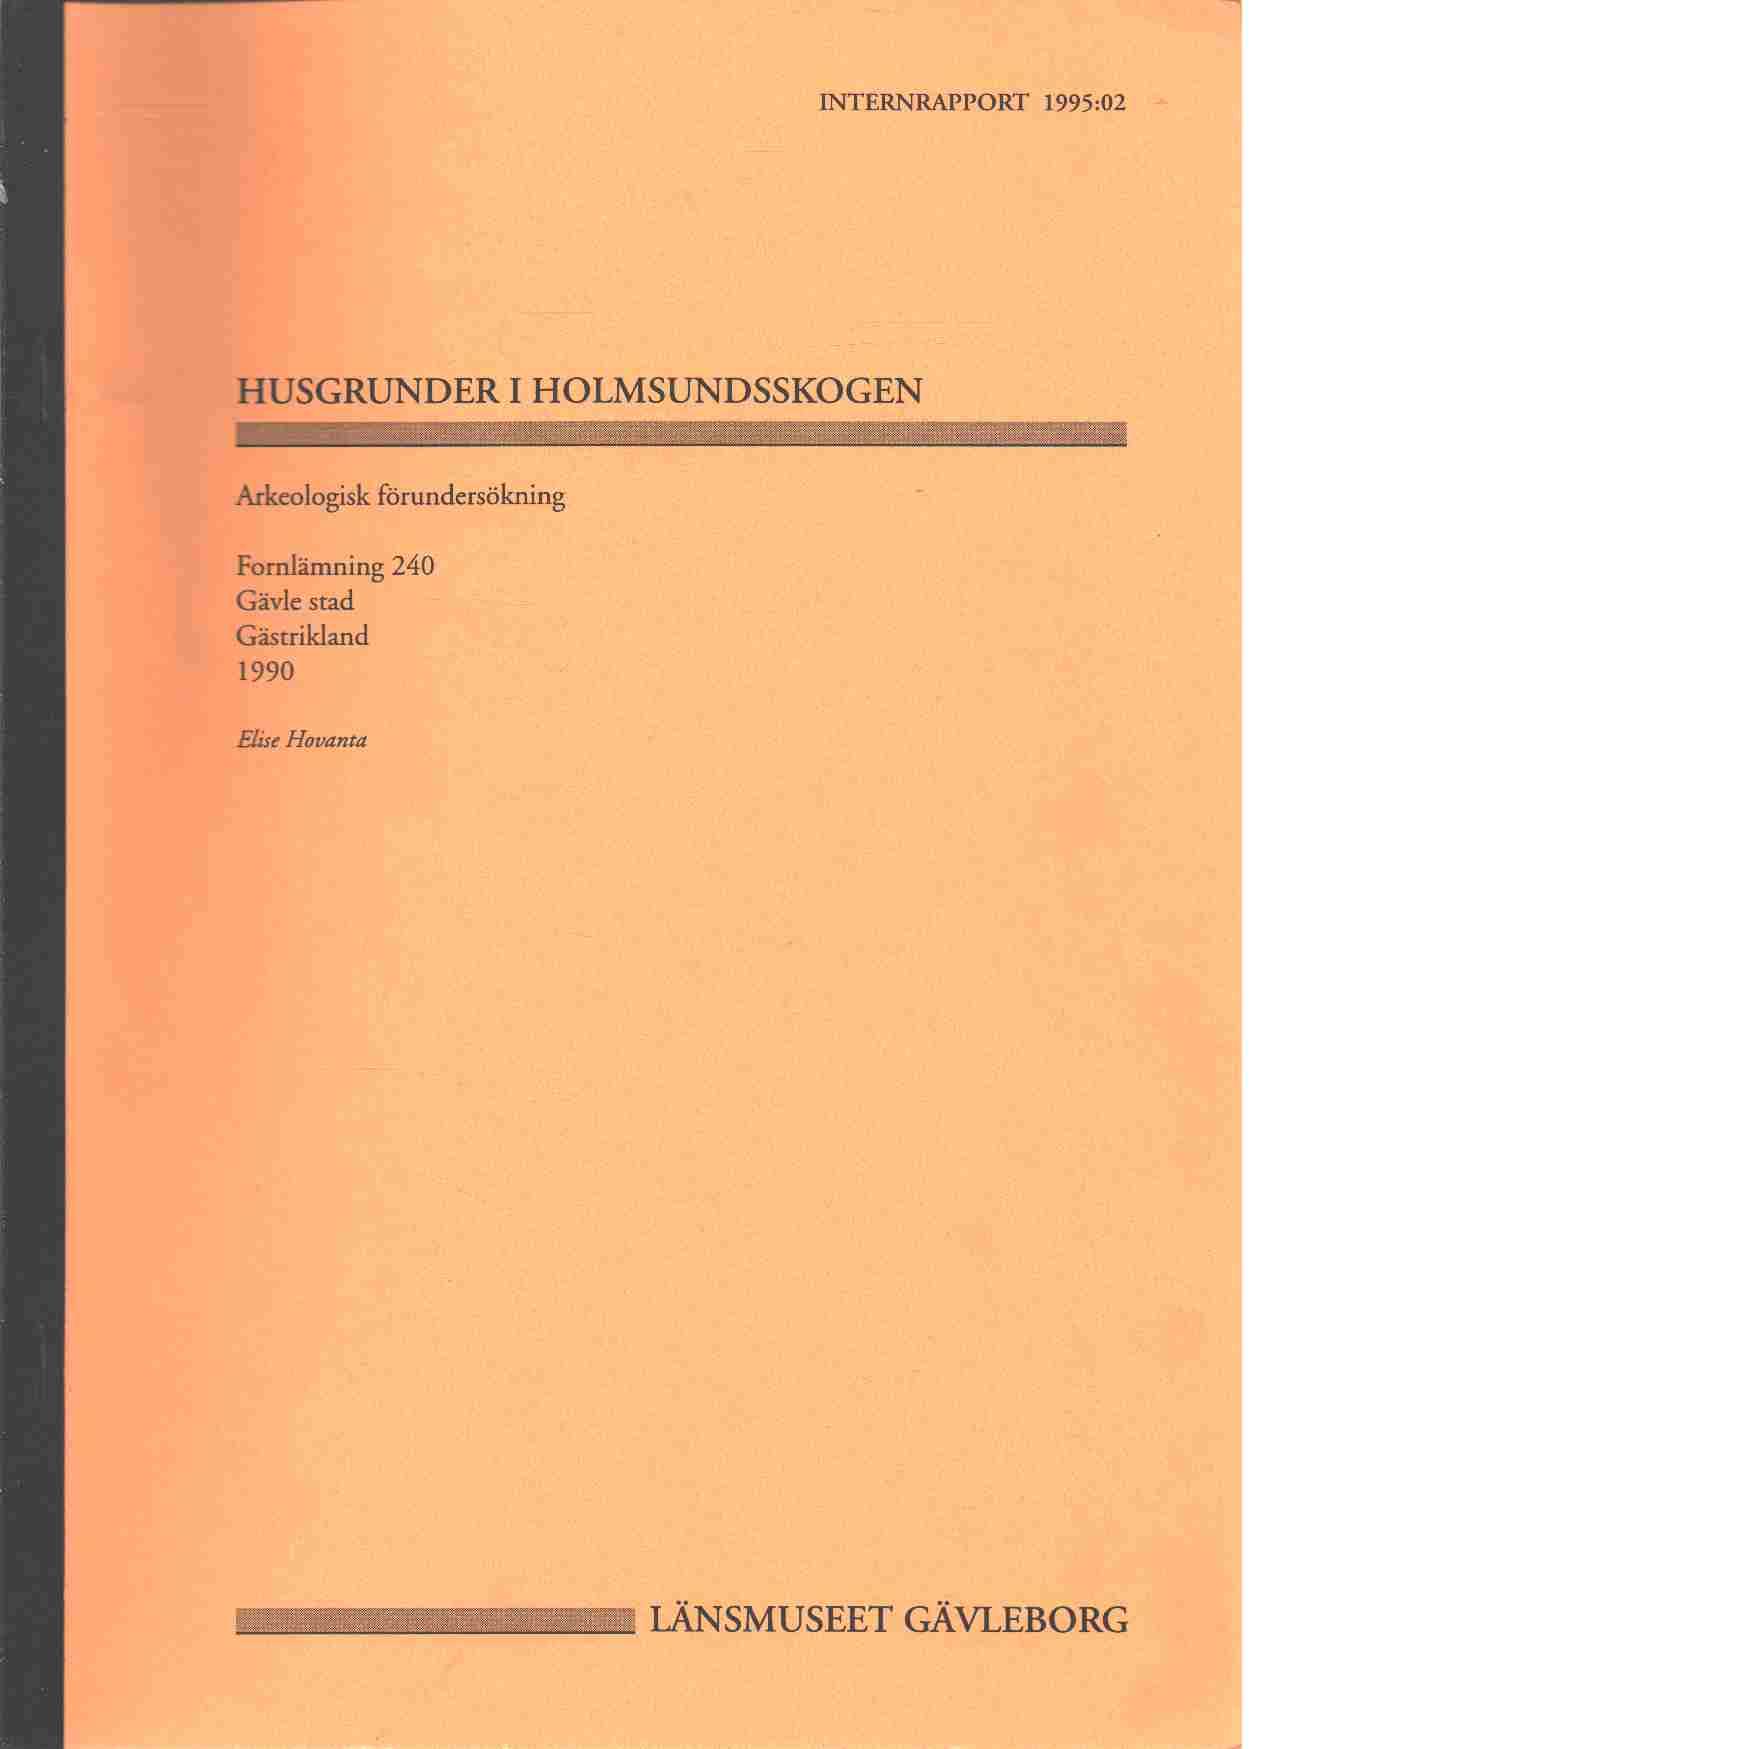 Husgrunder i Holmsundsskogen - Elise Hovanta